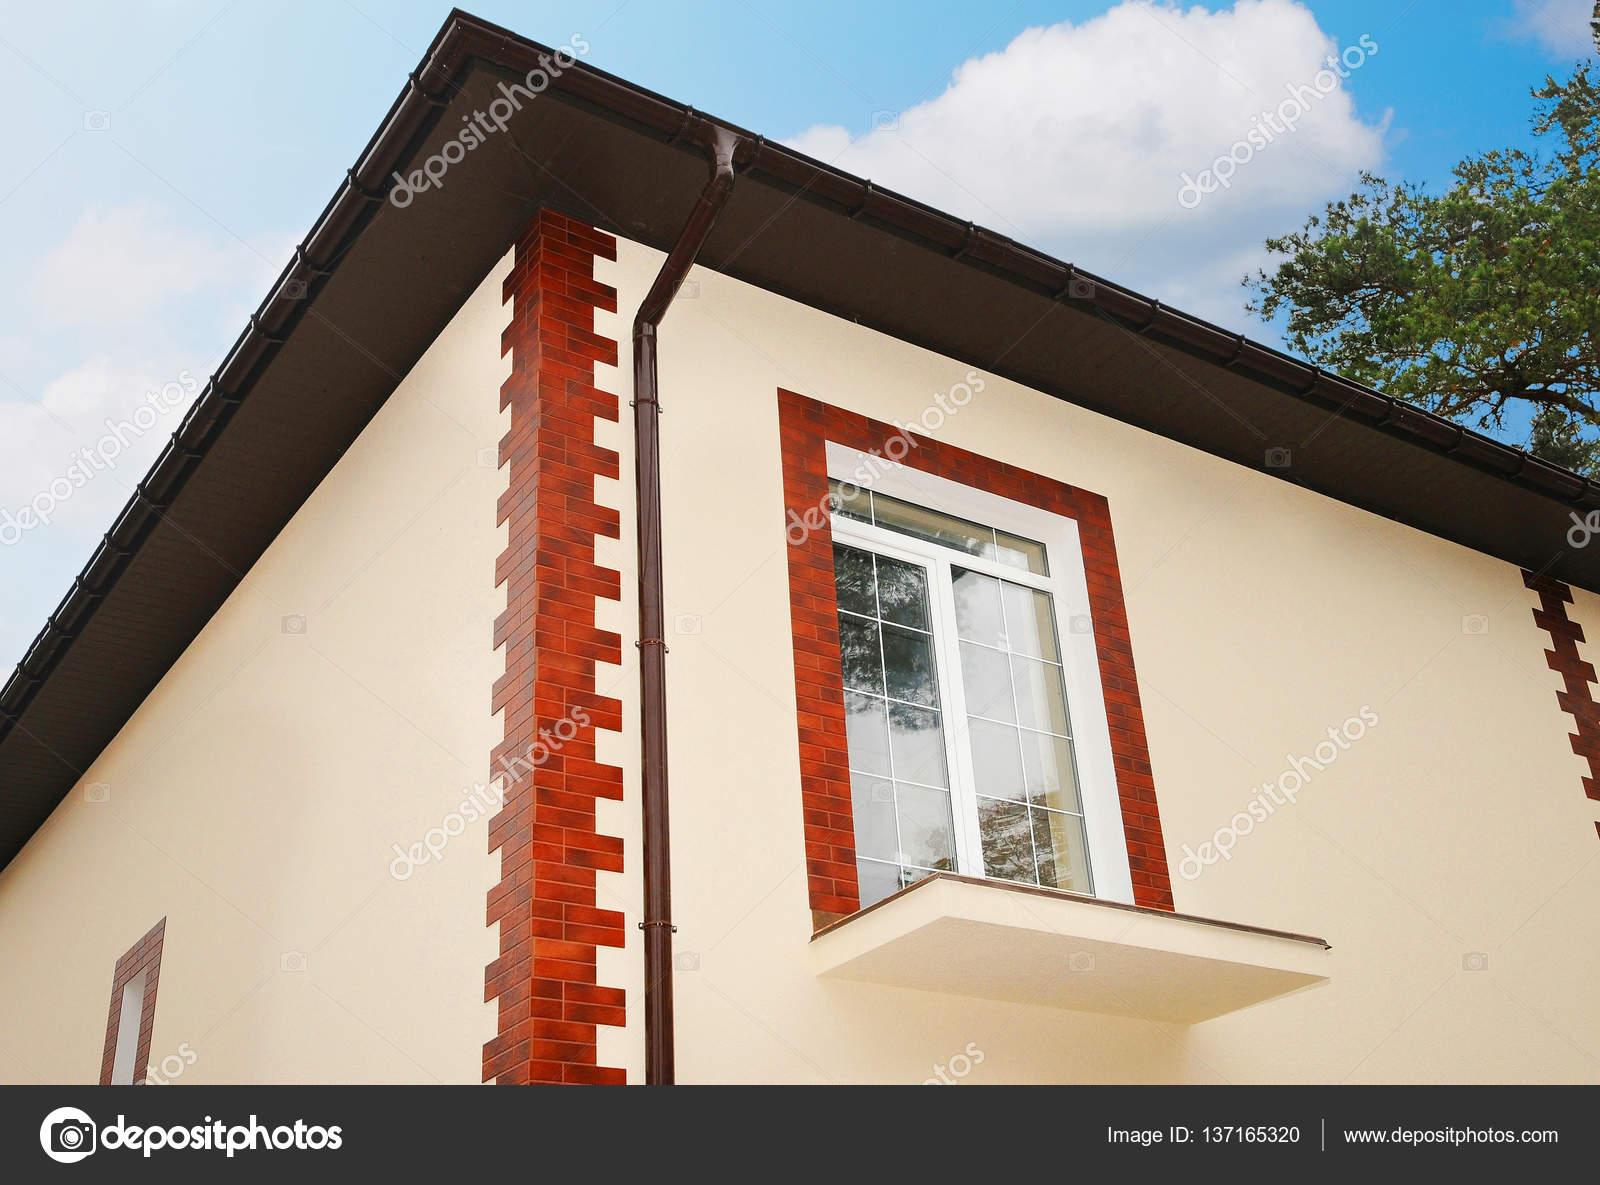 une nouvelle fen tre dans une maison neuve balcon inachev pl tre d coratif tuiles. Black Bedroom Furniture Sets. Home Design Ideas